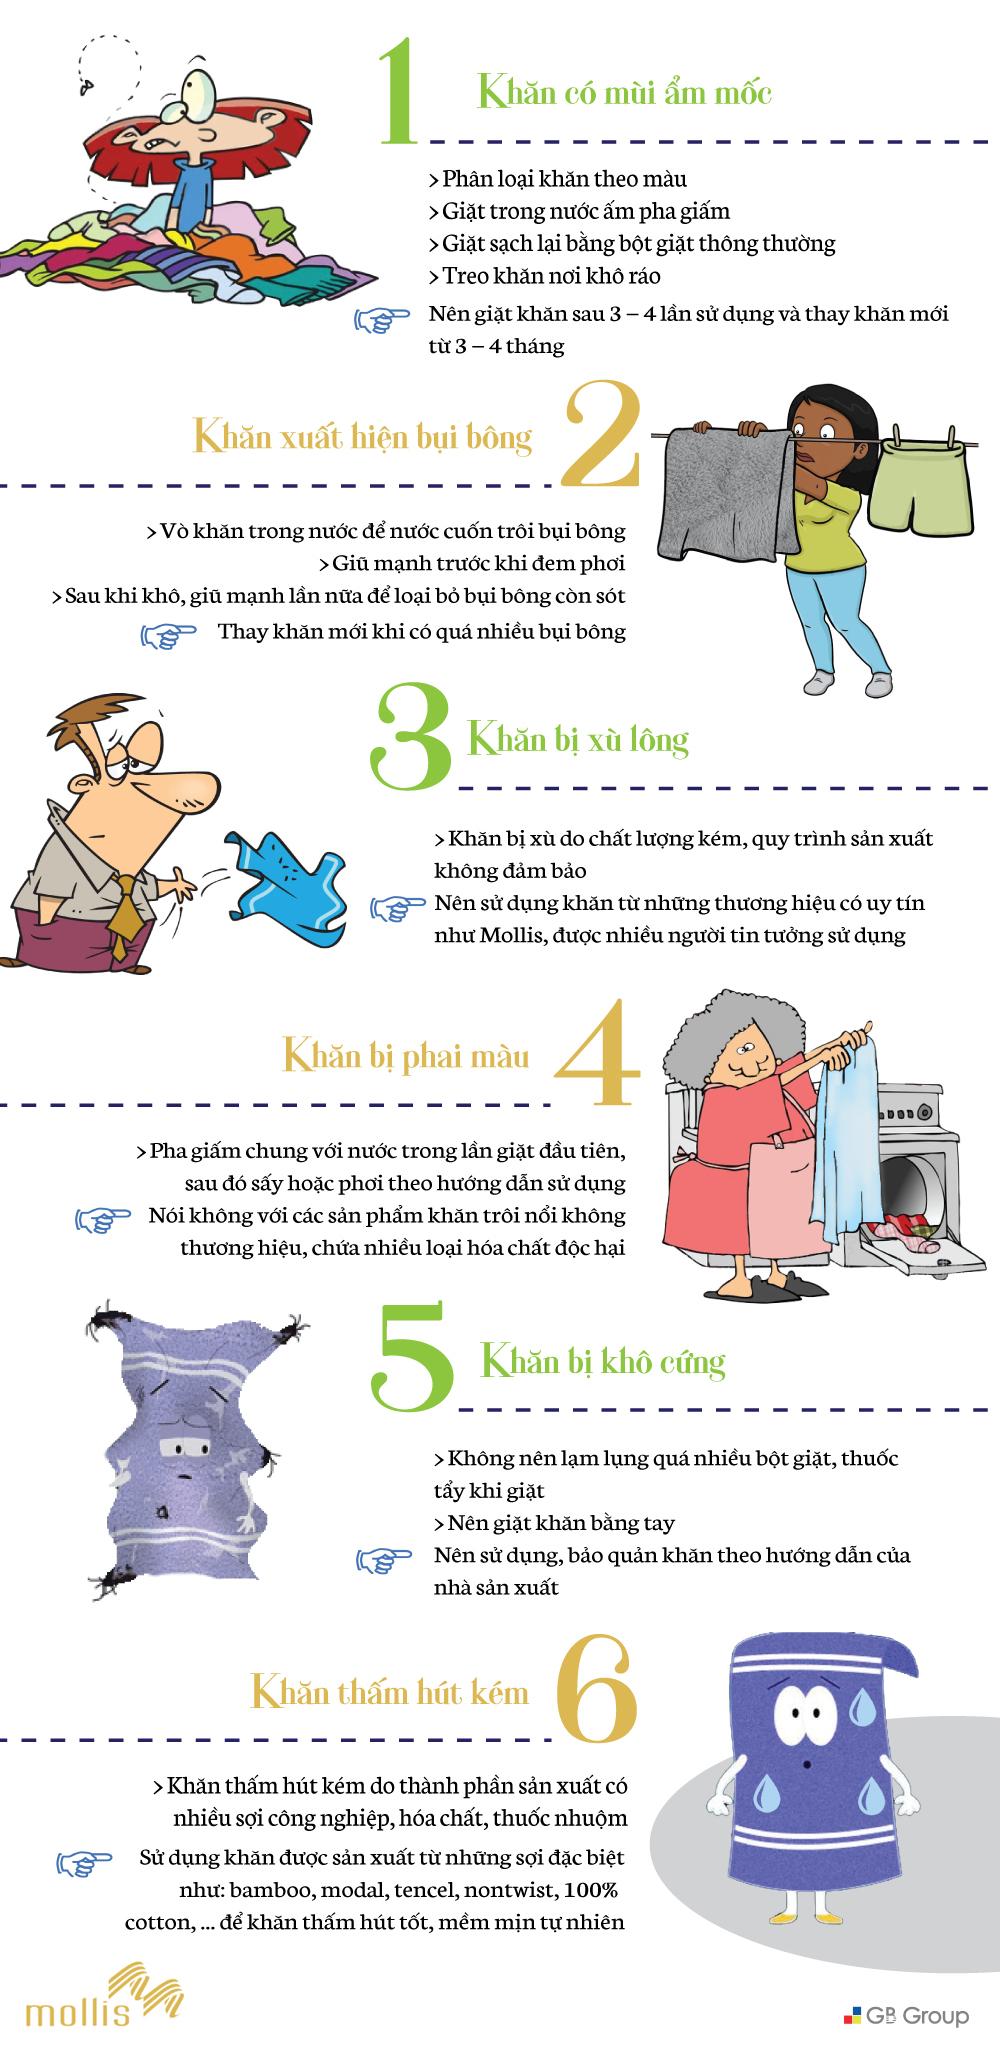 Mẹo giải quyết 6 vấn đề thường gặp của khăn bông